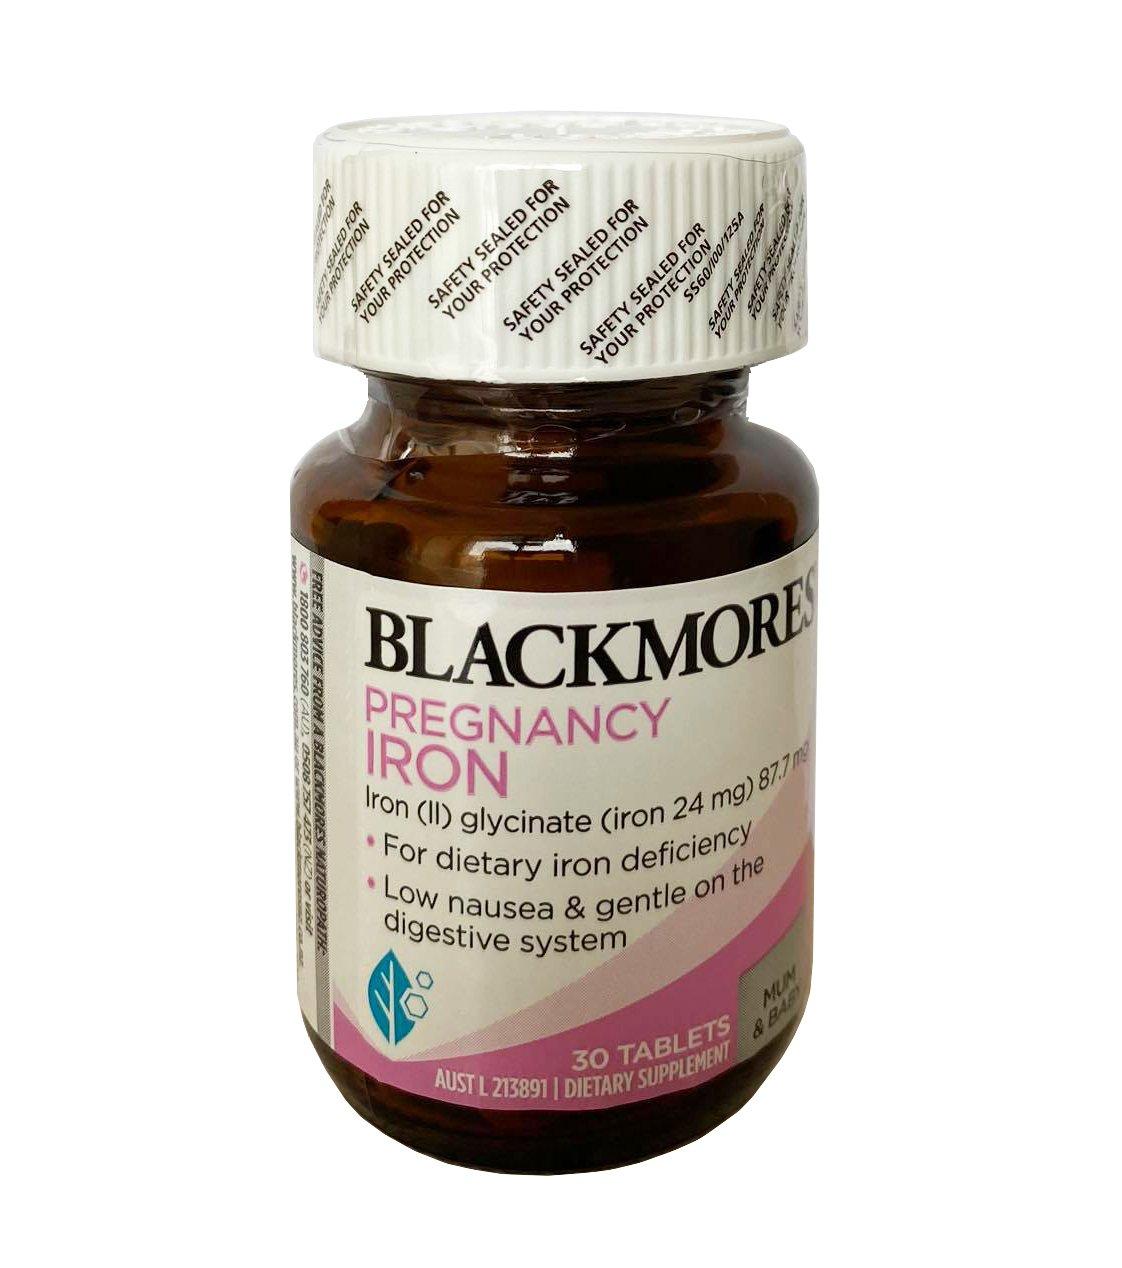 Blackmores Pregnancy Iron cho bà bầu của Úc mẫu mới